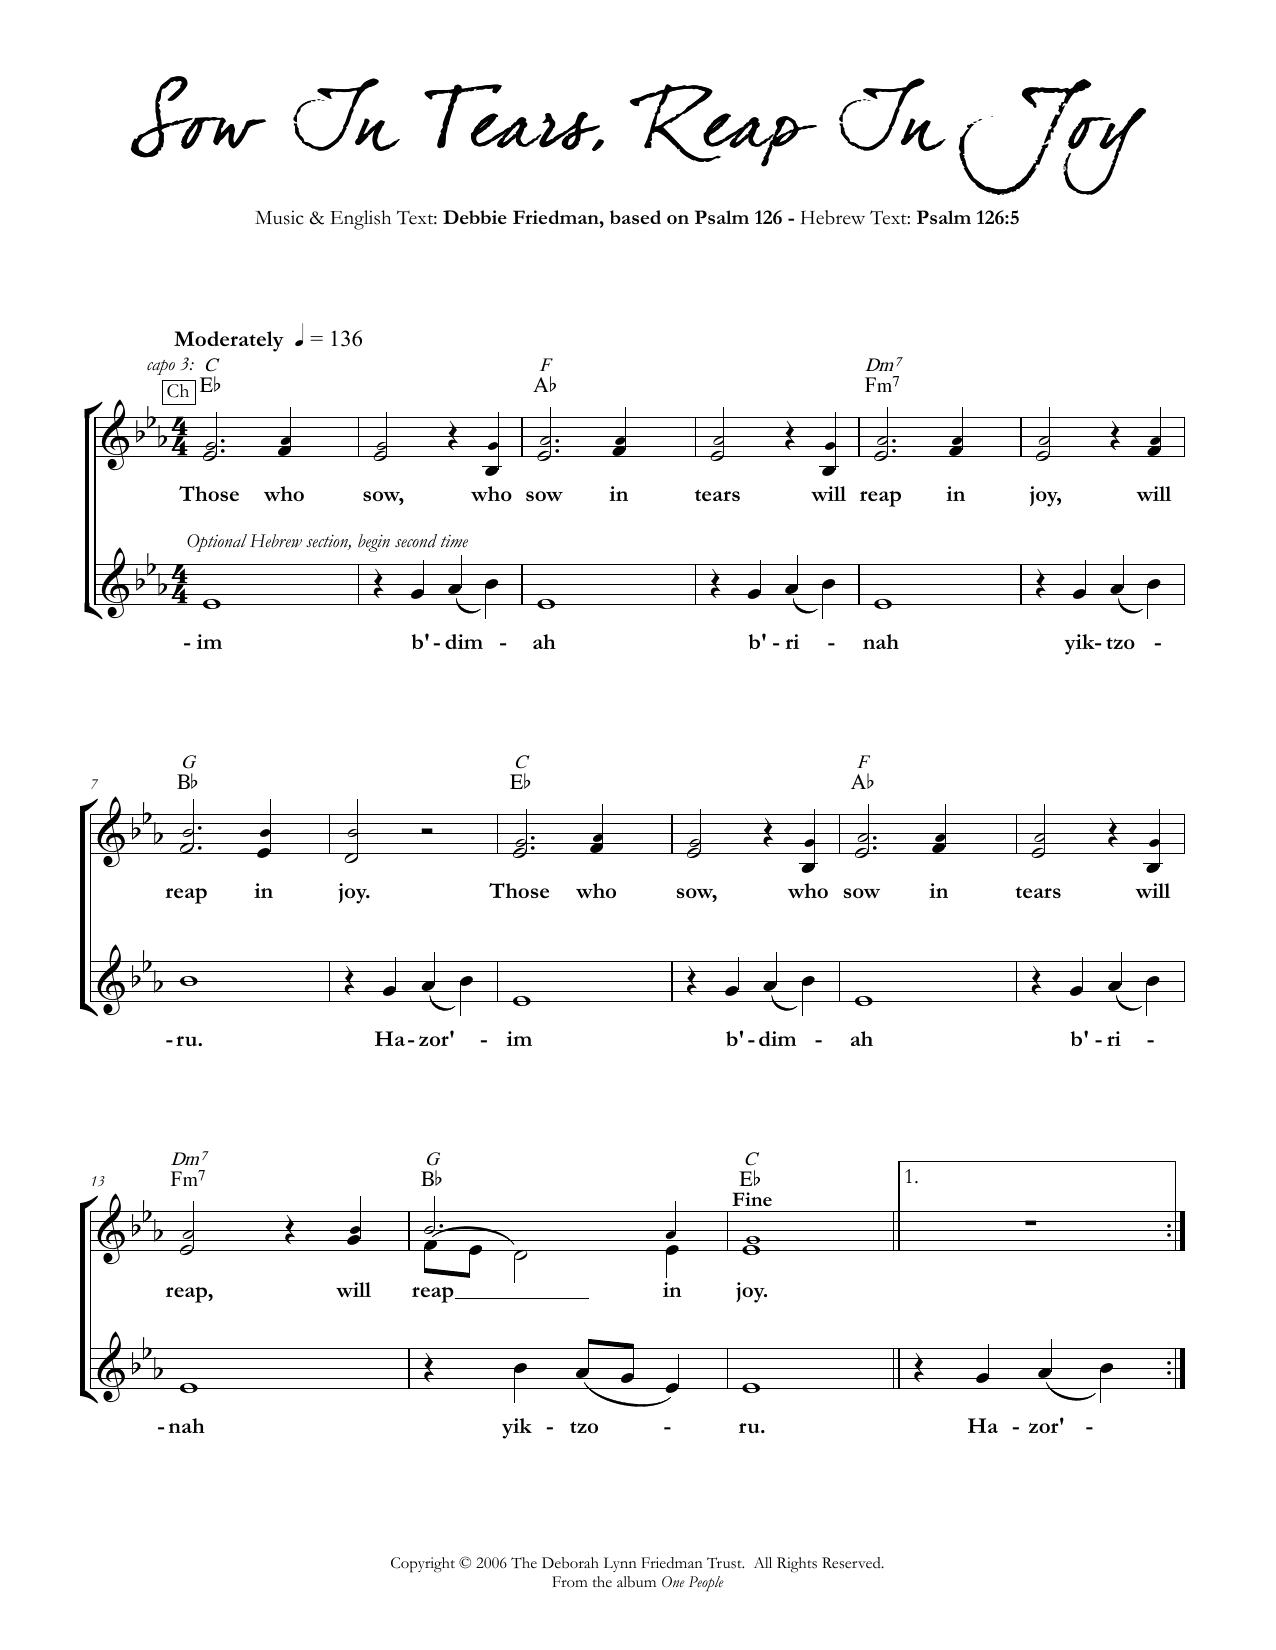 Sow In Tears, Reap In Joy Sheet Music